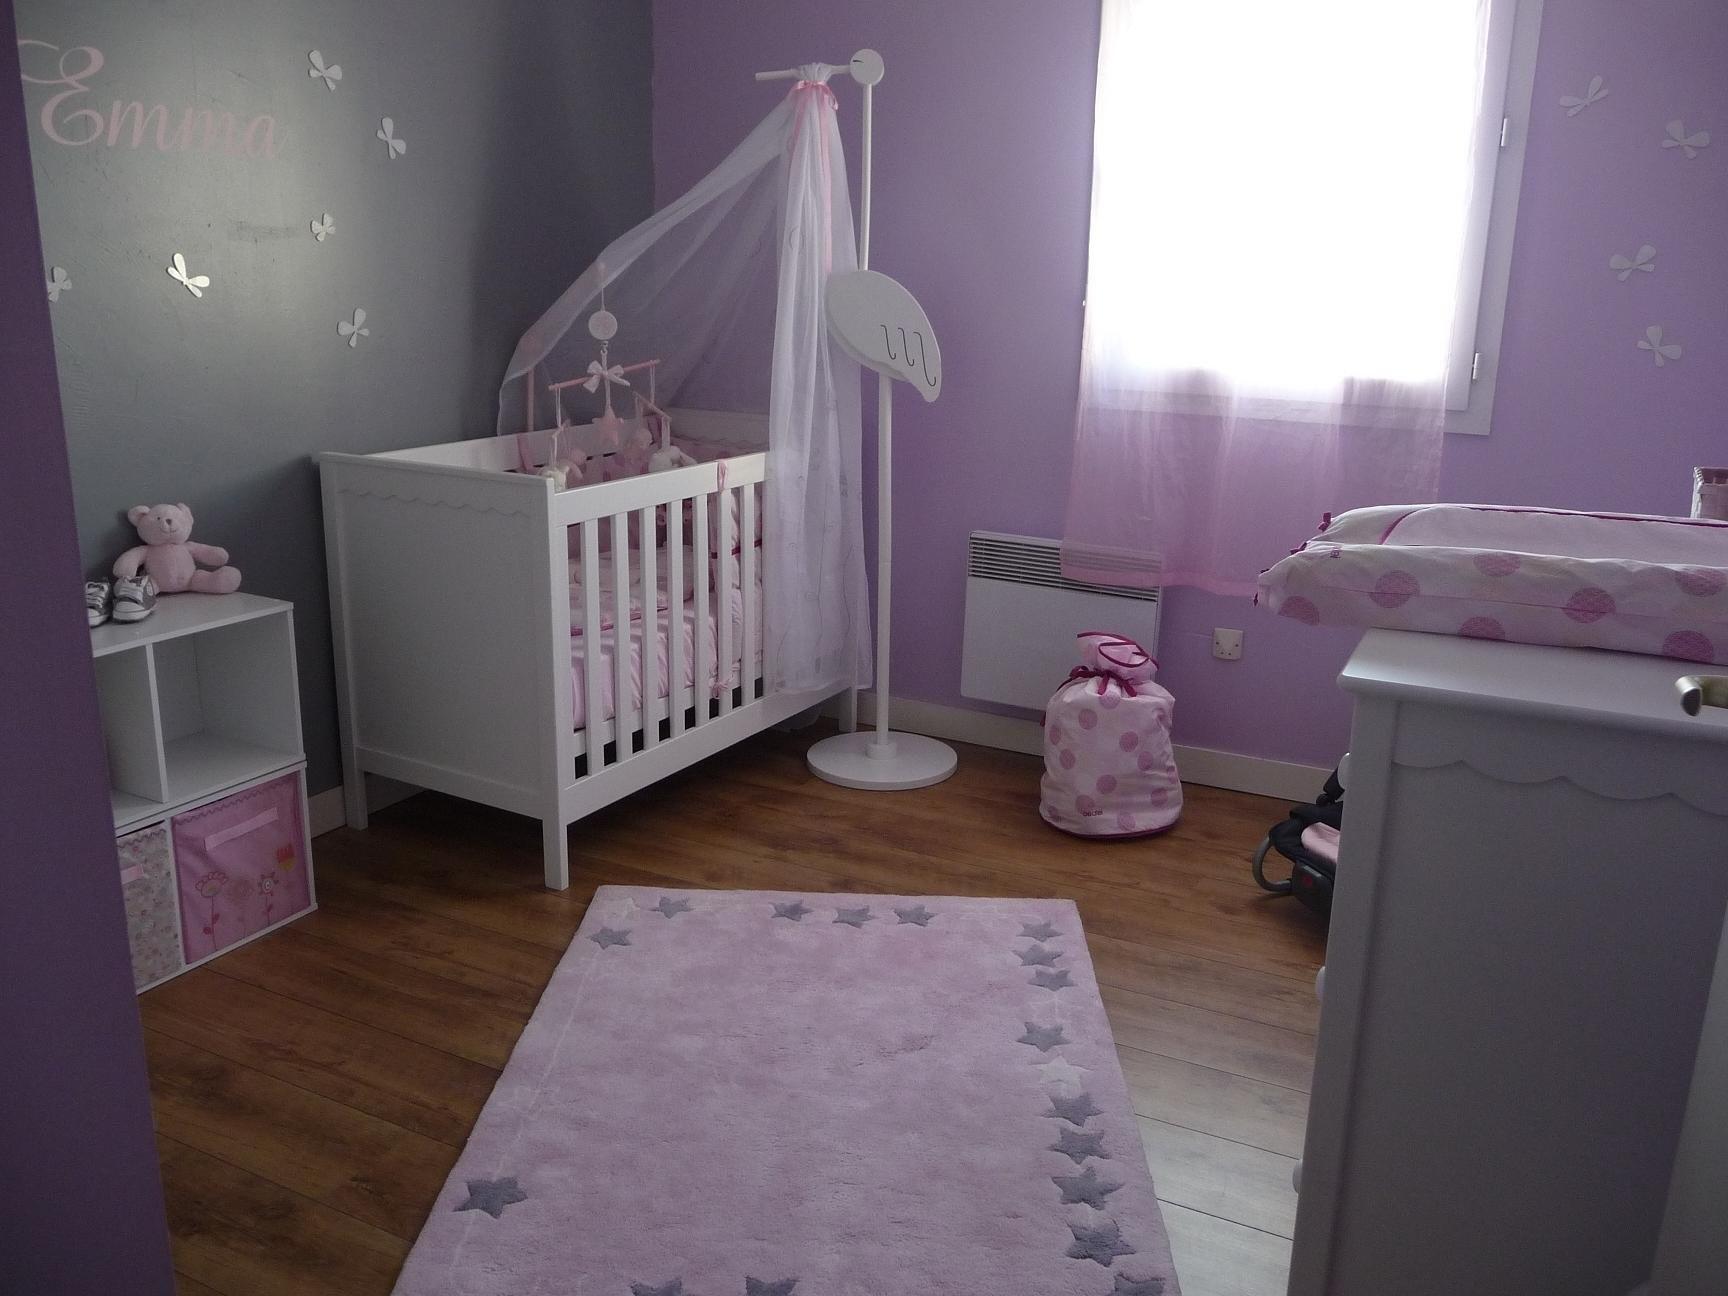 Idee deco chambre bebe prune - Idées de tricot gratuit